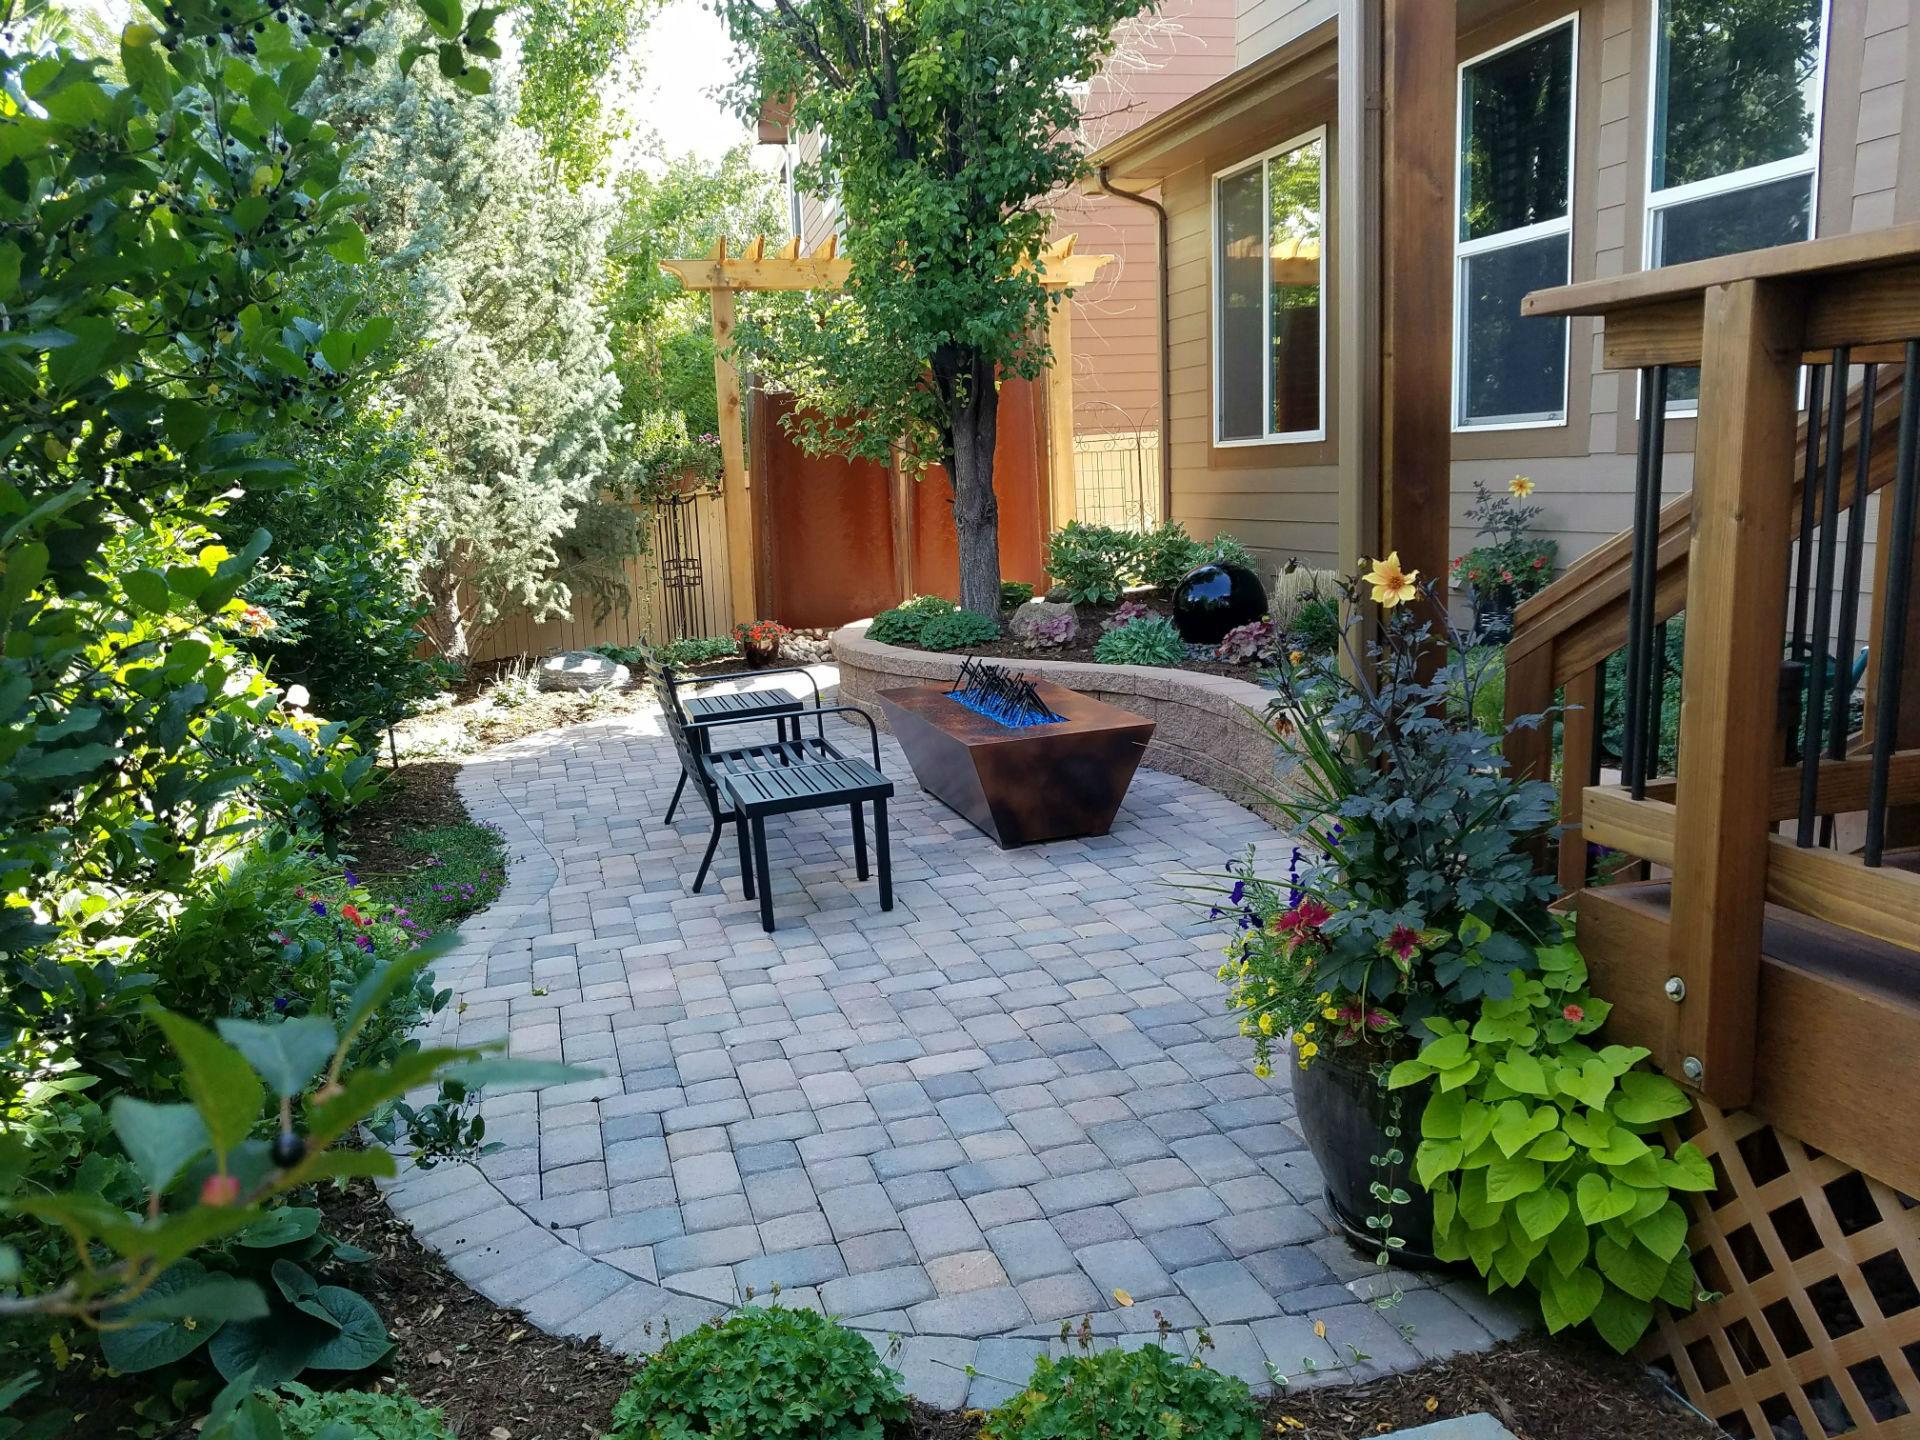 Deck & Patio Combinations - DeckTec Outdoor Designs on Porch Backyard Ideas id=18120